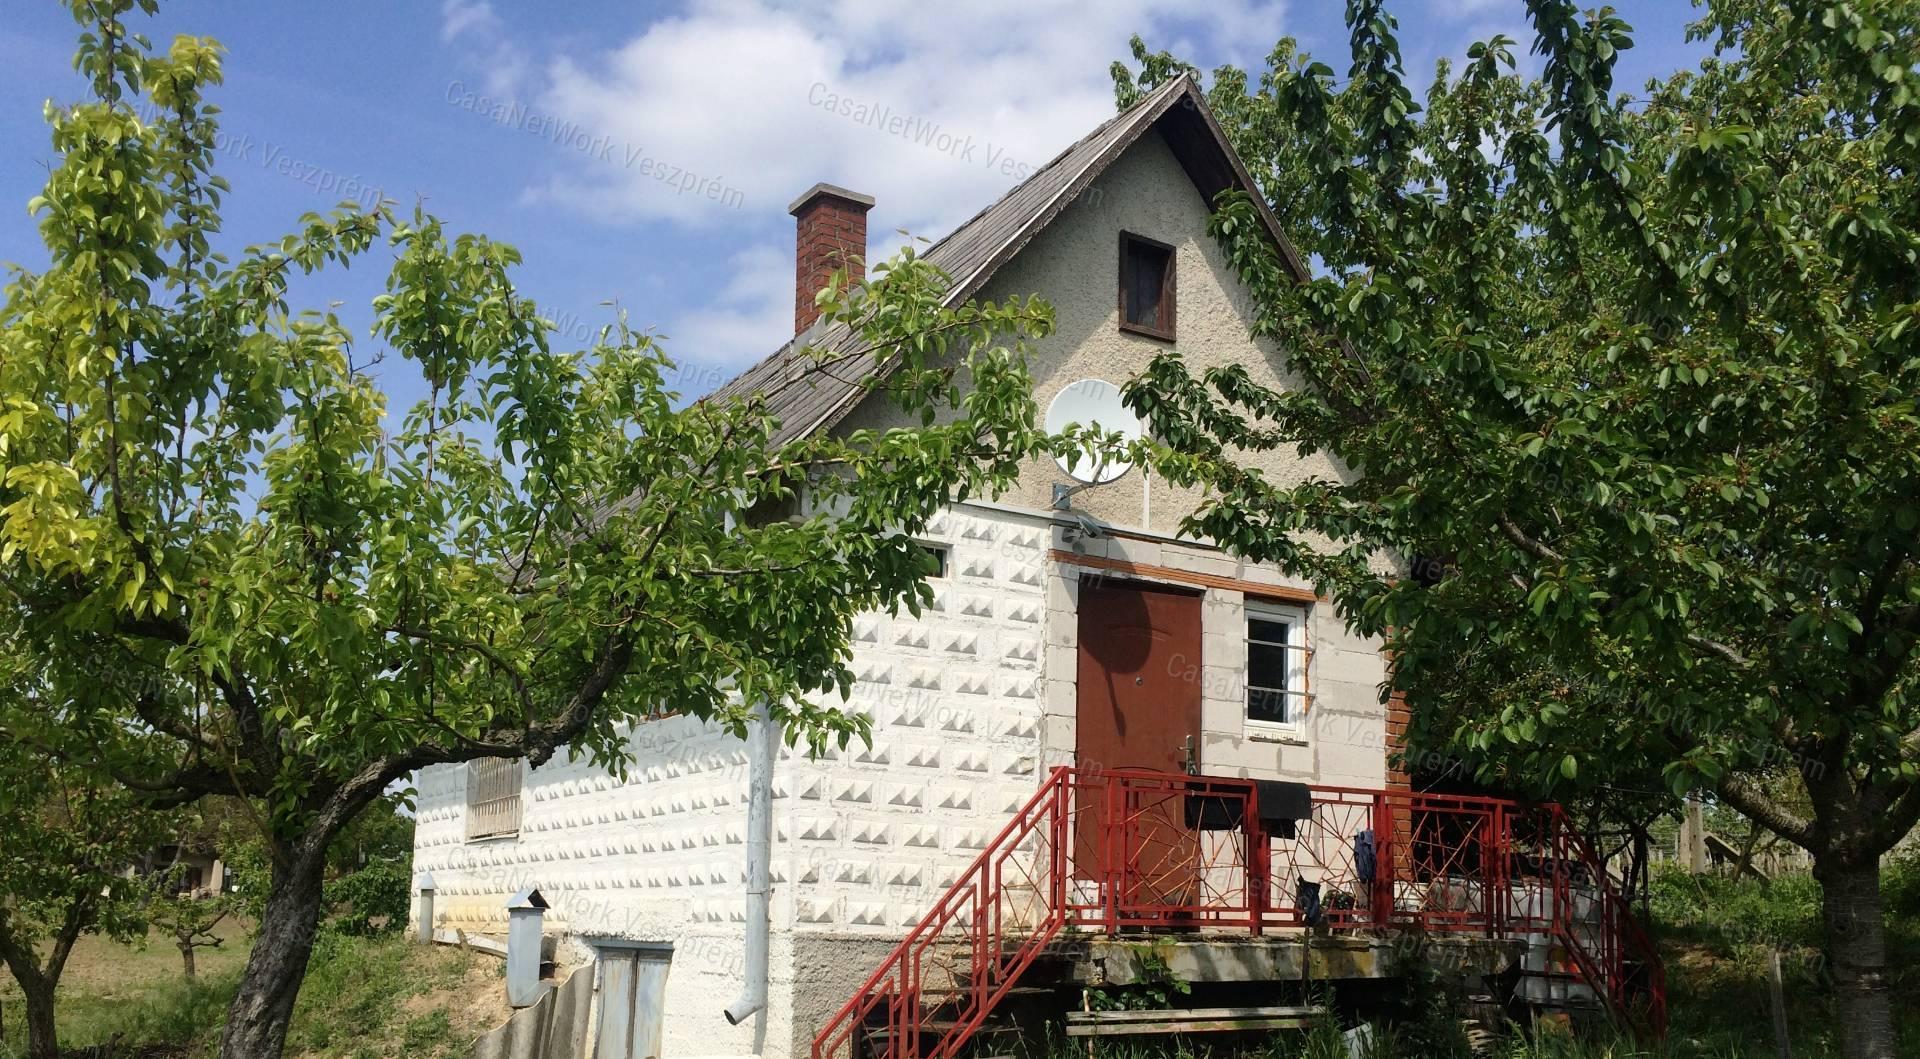 Eladó zártkert, Veszprém megye, Berhida - sz.: 156201134 - CasaNetWork.hu